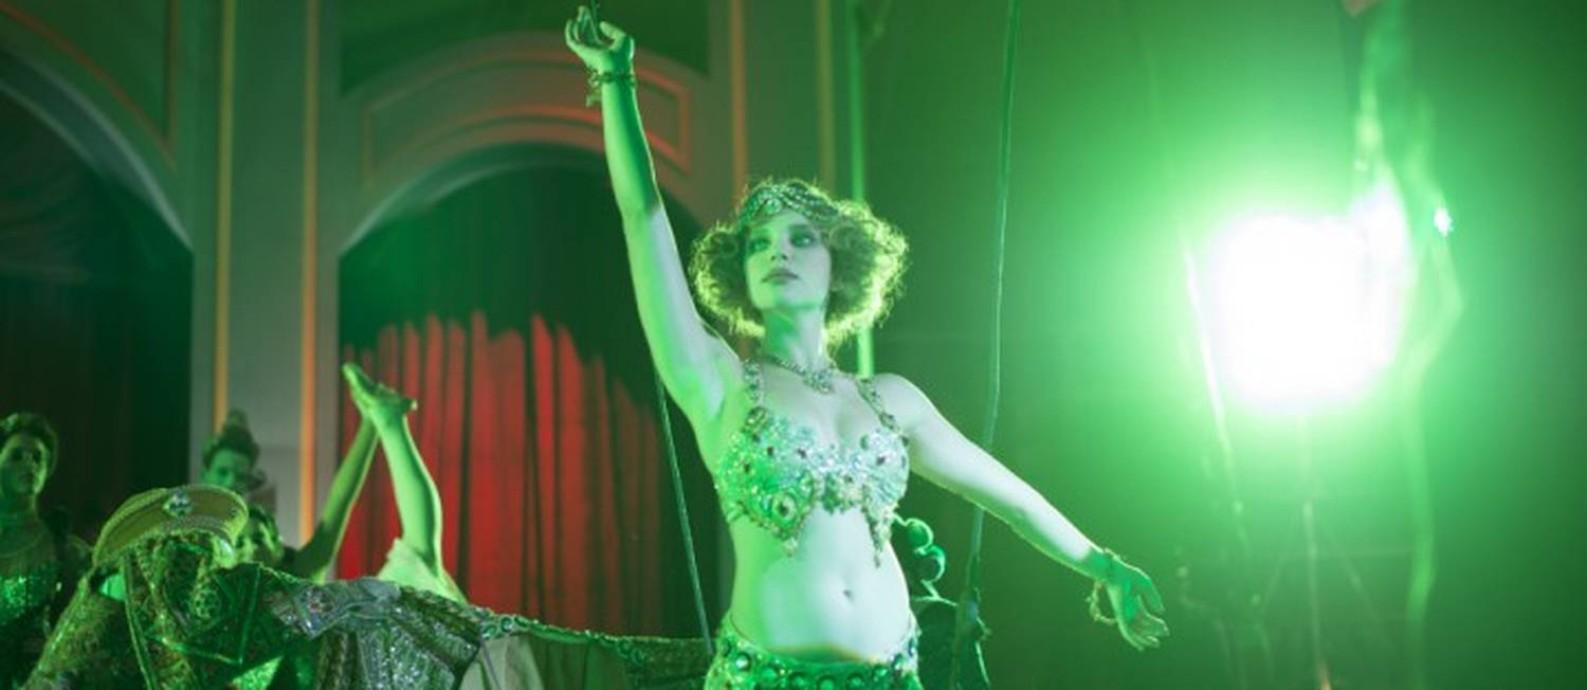 Bruna Linzmeyer em 'O grande circo místico', de Cacá Diegues Foto: RAFAEL D'ALO / Divulgação